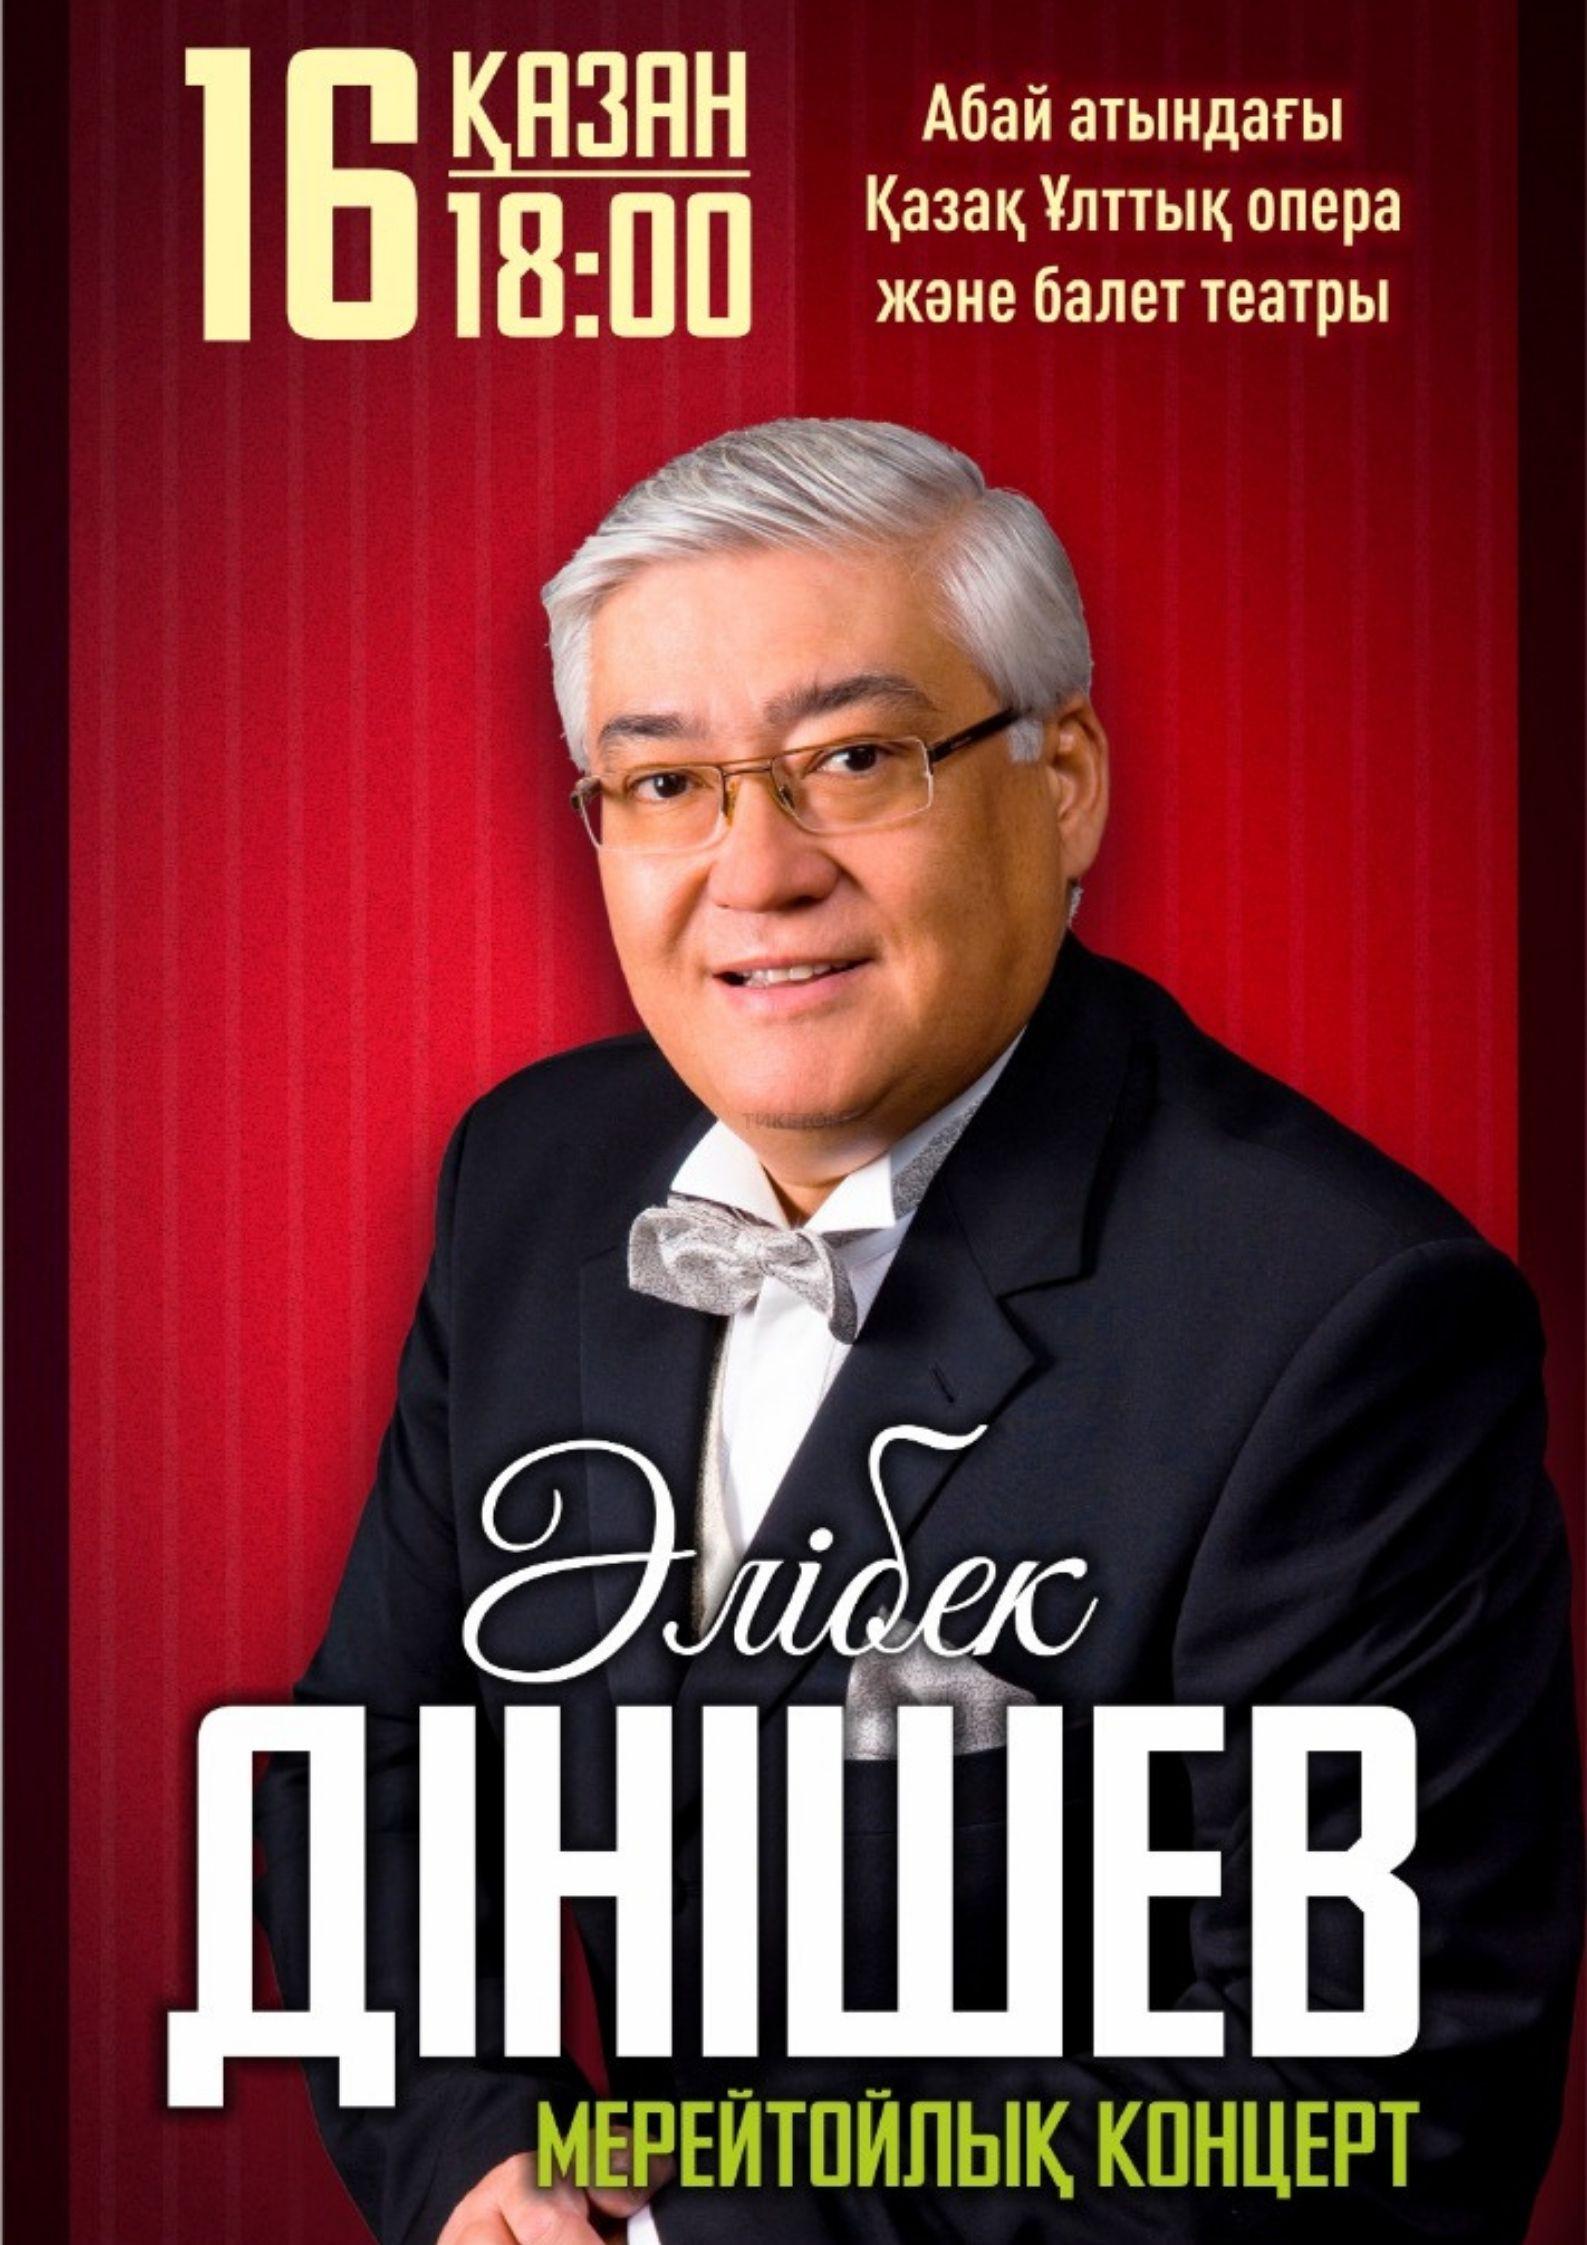 yubileynyy-konsert-a-dnisheva- концерт